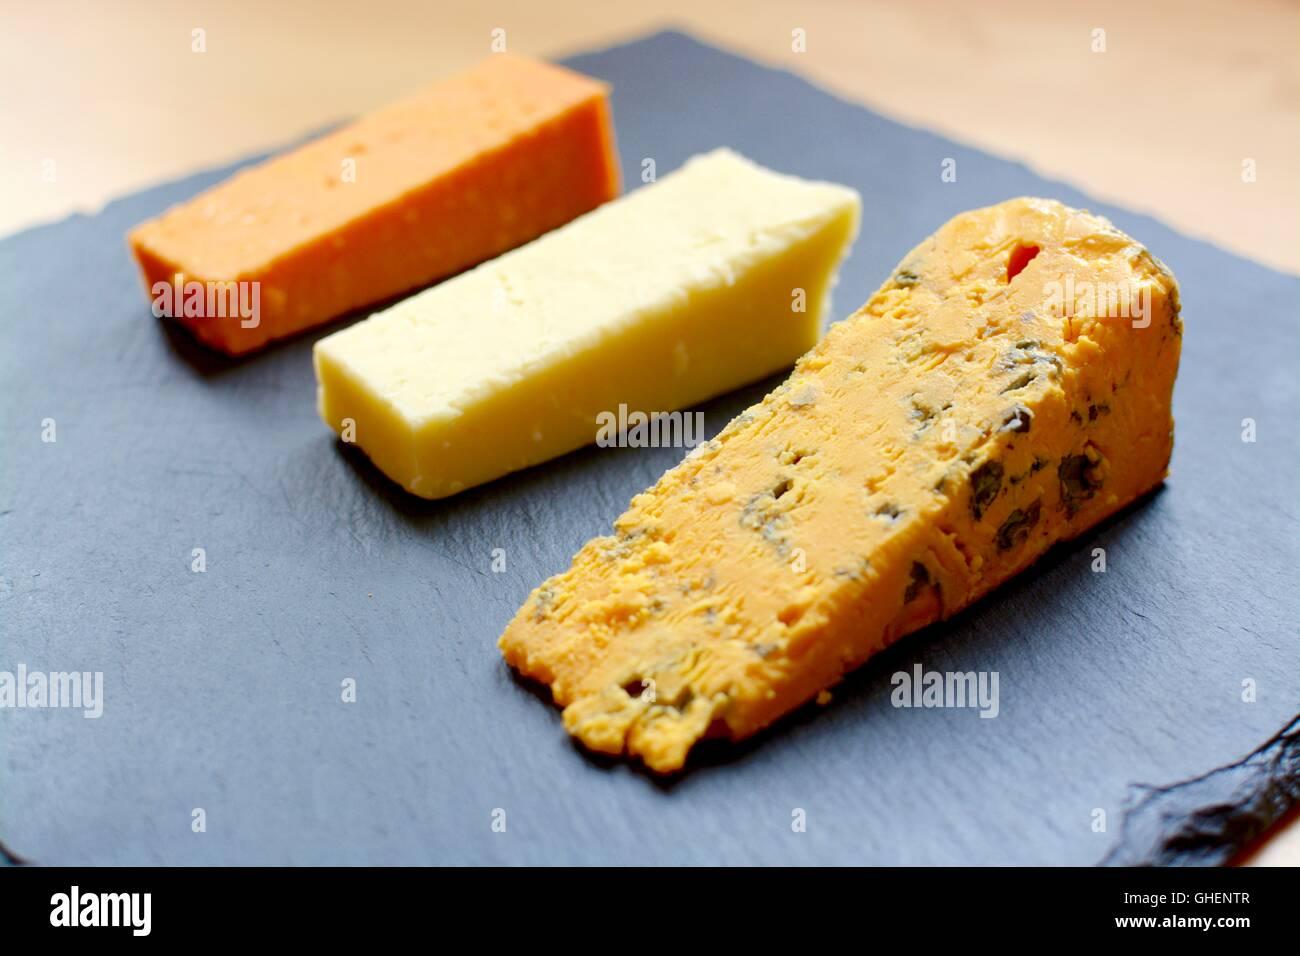 Tre selezione di formaggi serviti su nero ardesia Immagini Stock